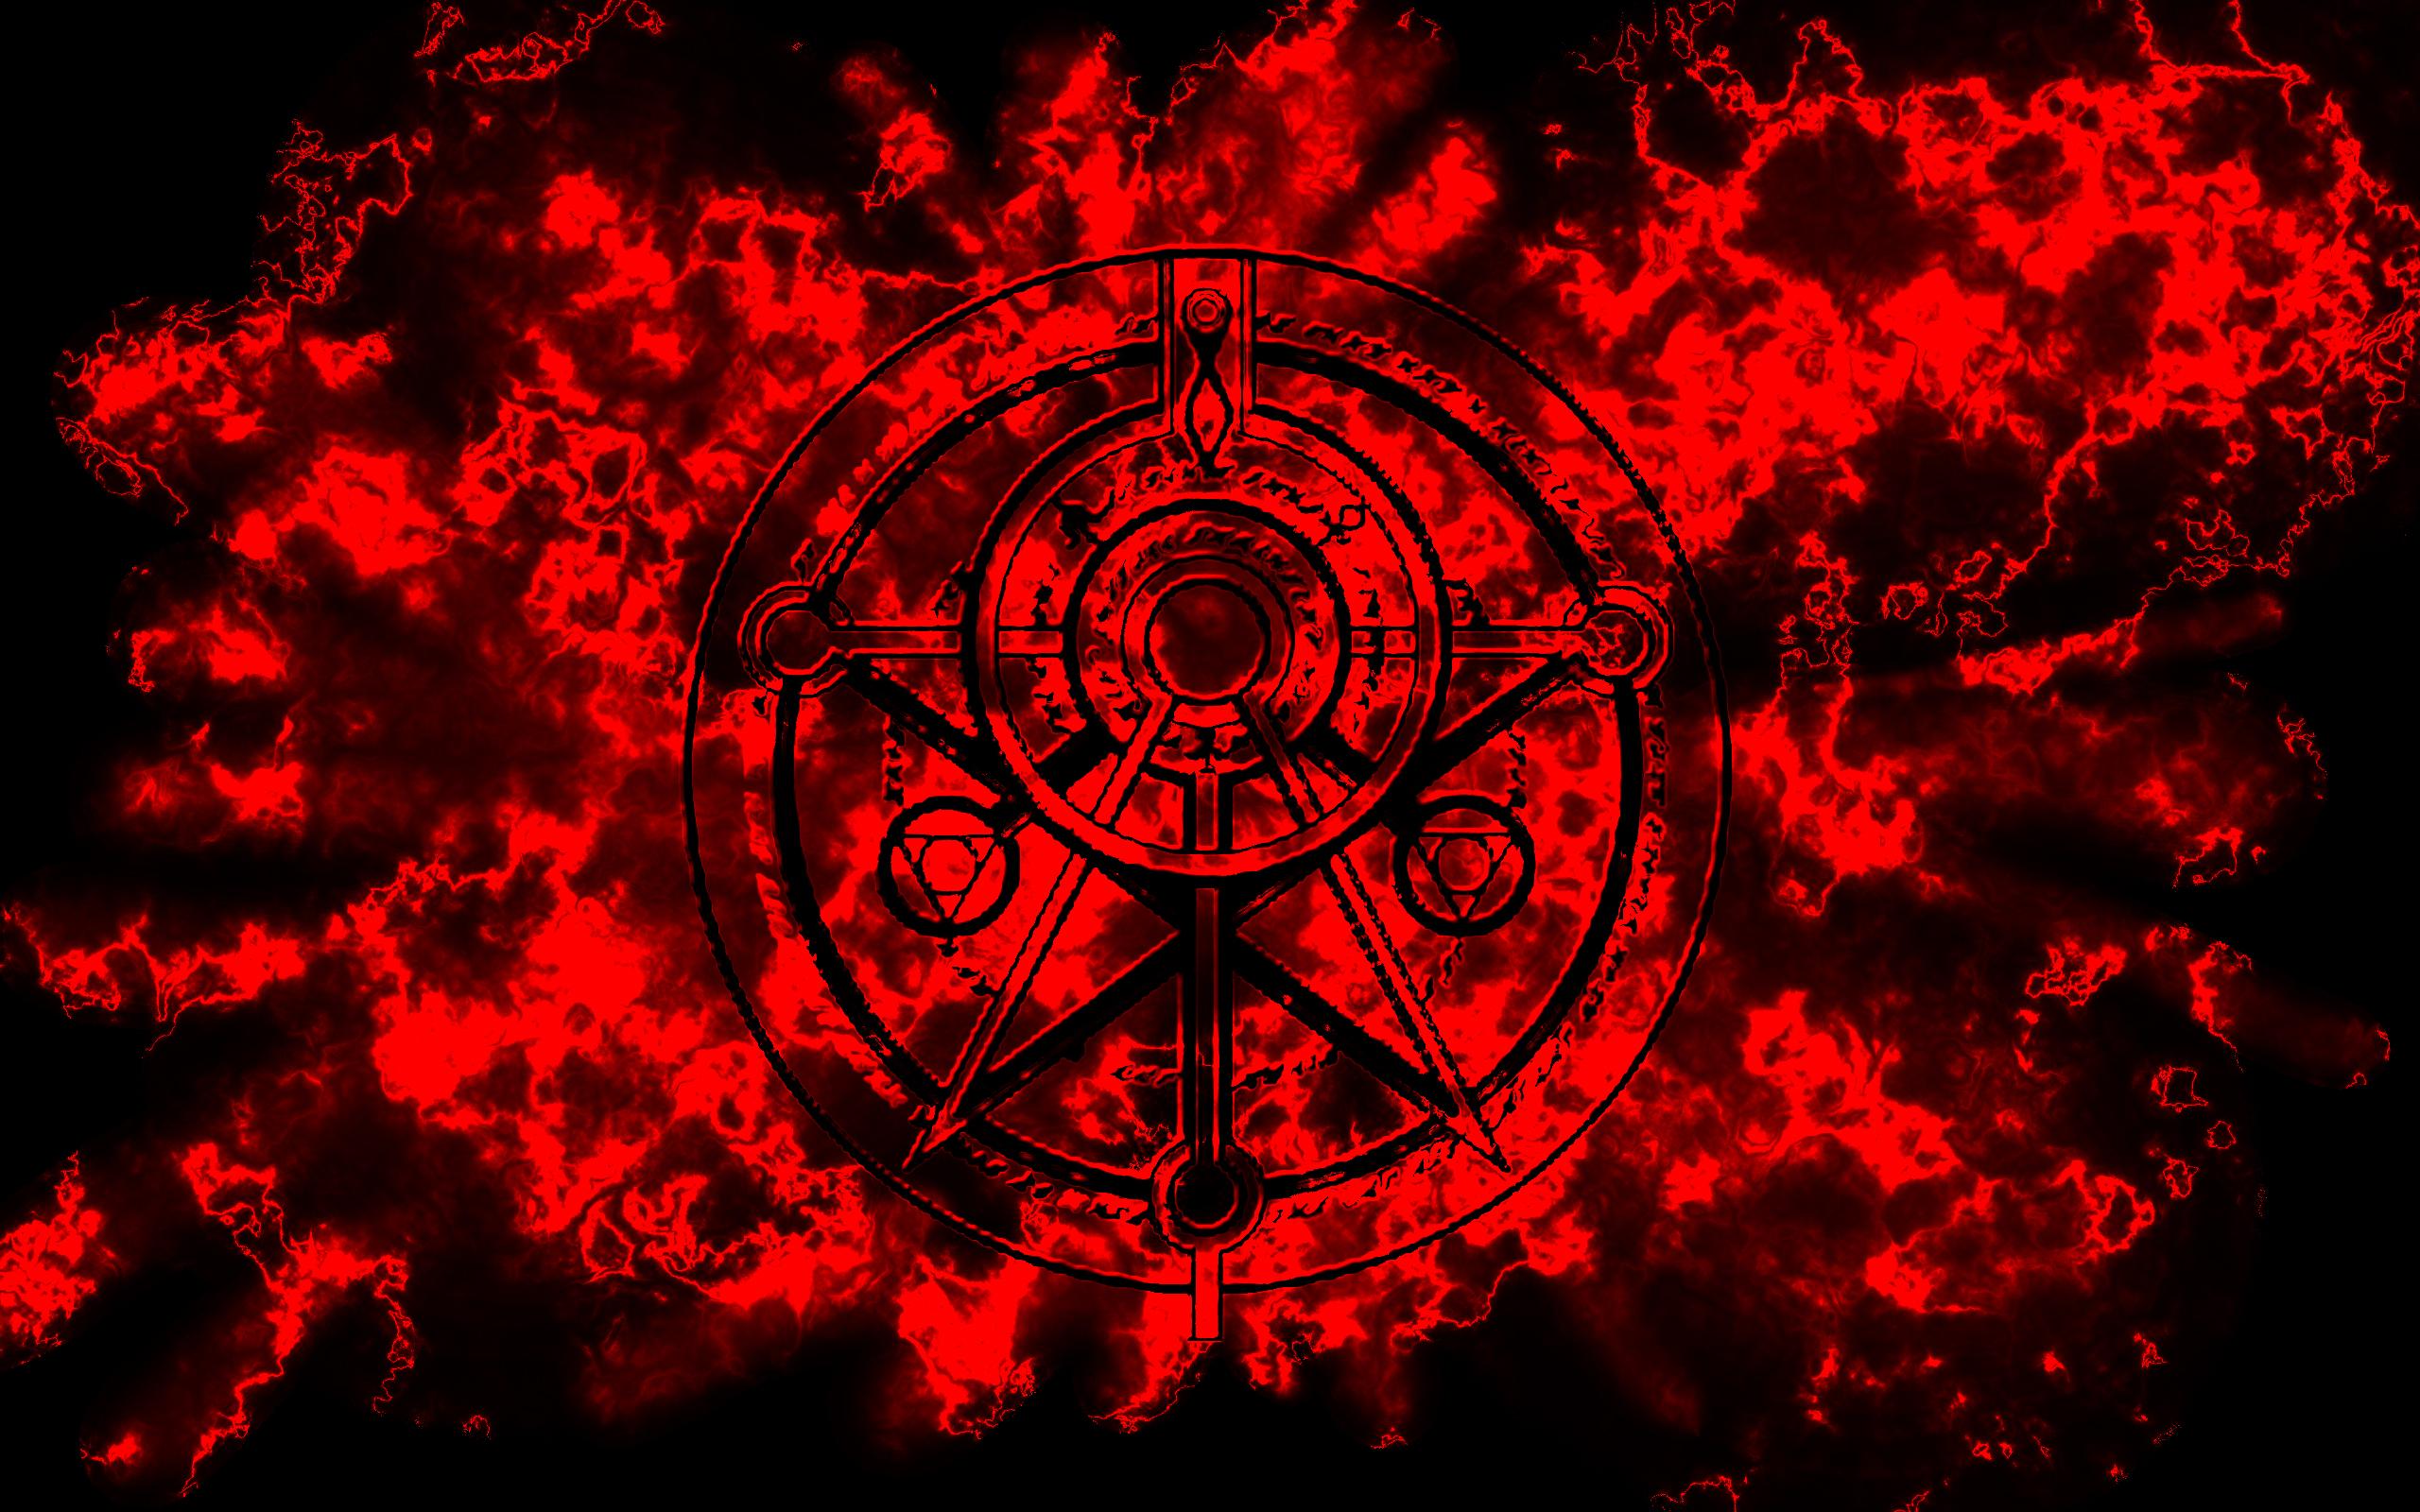 Wallpapers Black and Red - WallpaperSafari